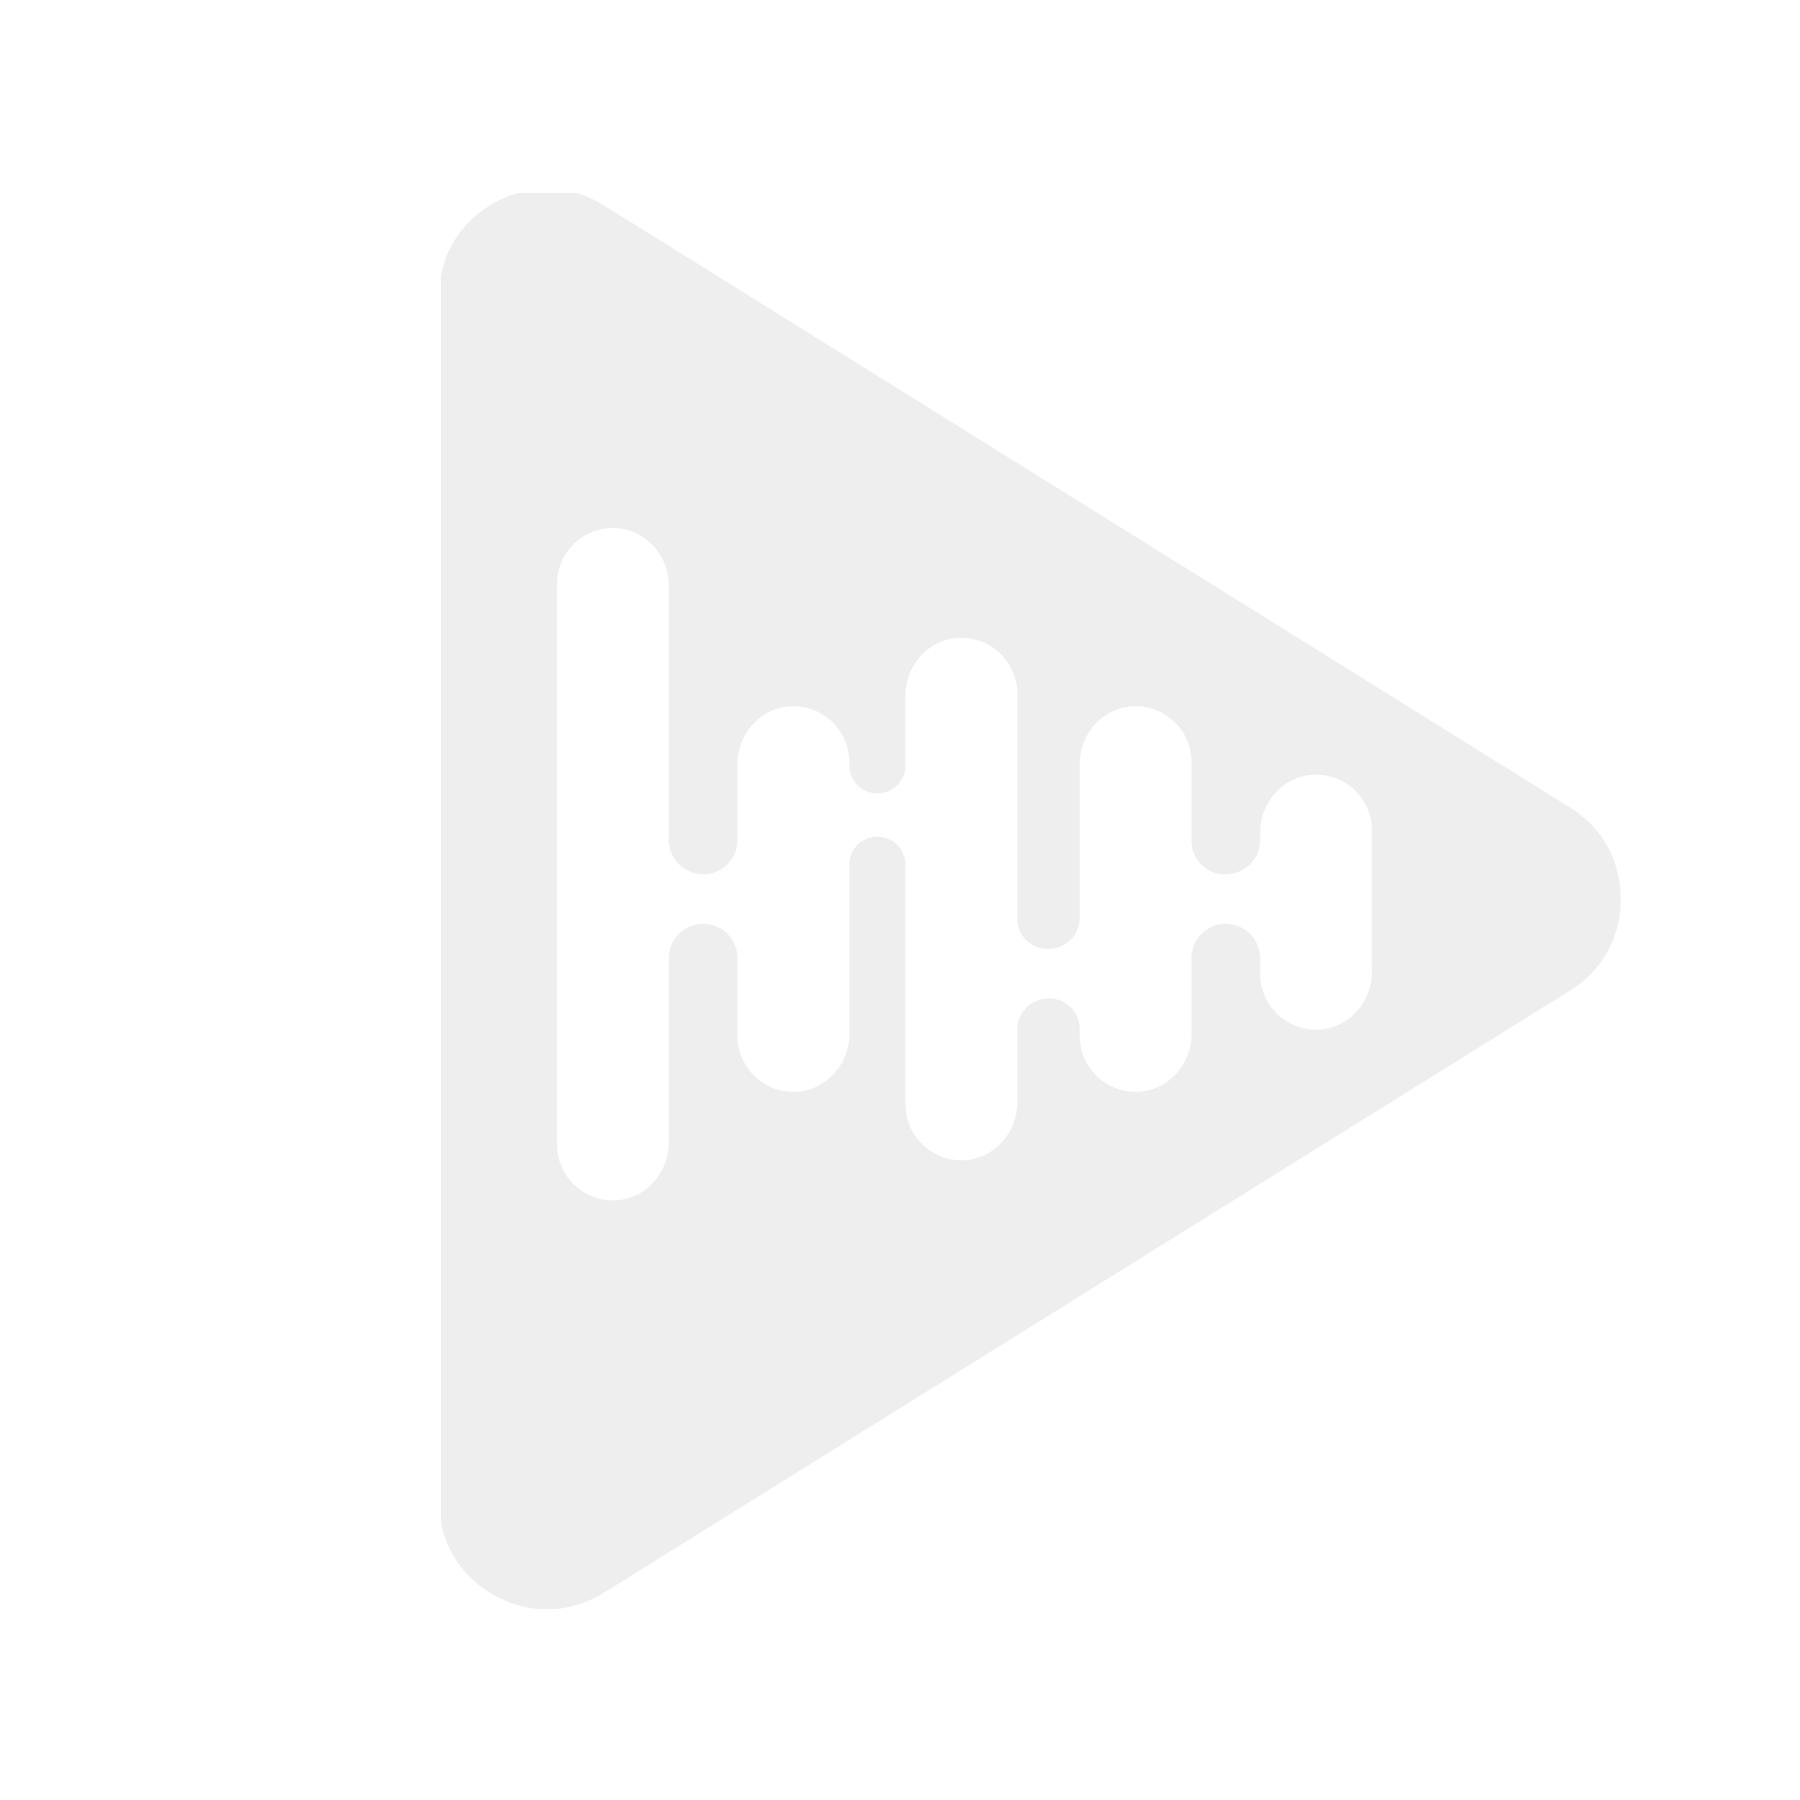 AZ Audiocomp MQ100-PK